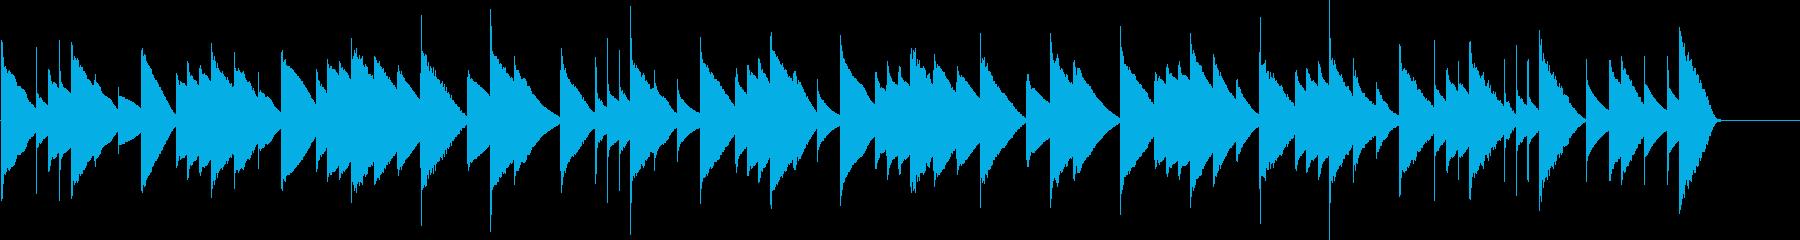 カルメン 前奏曲(オルゴール)の再生済みの波形